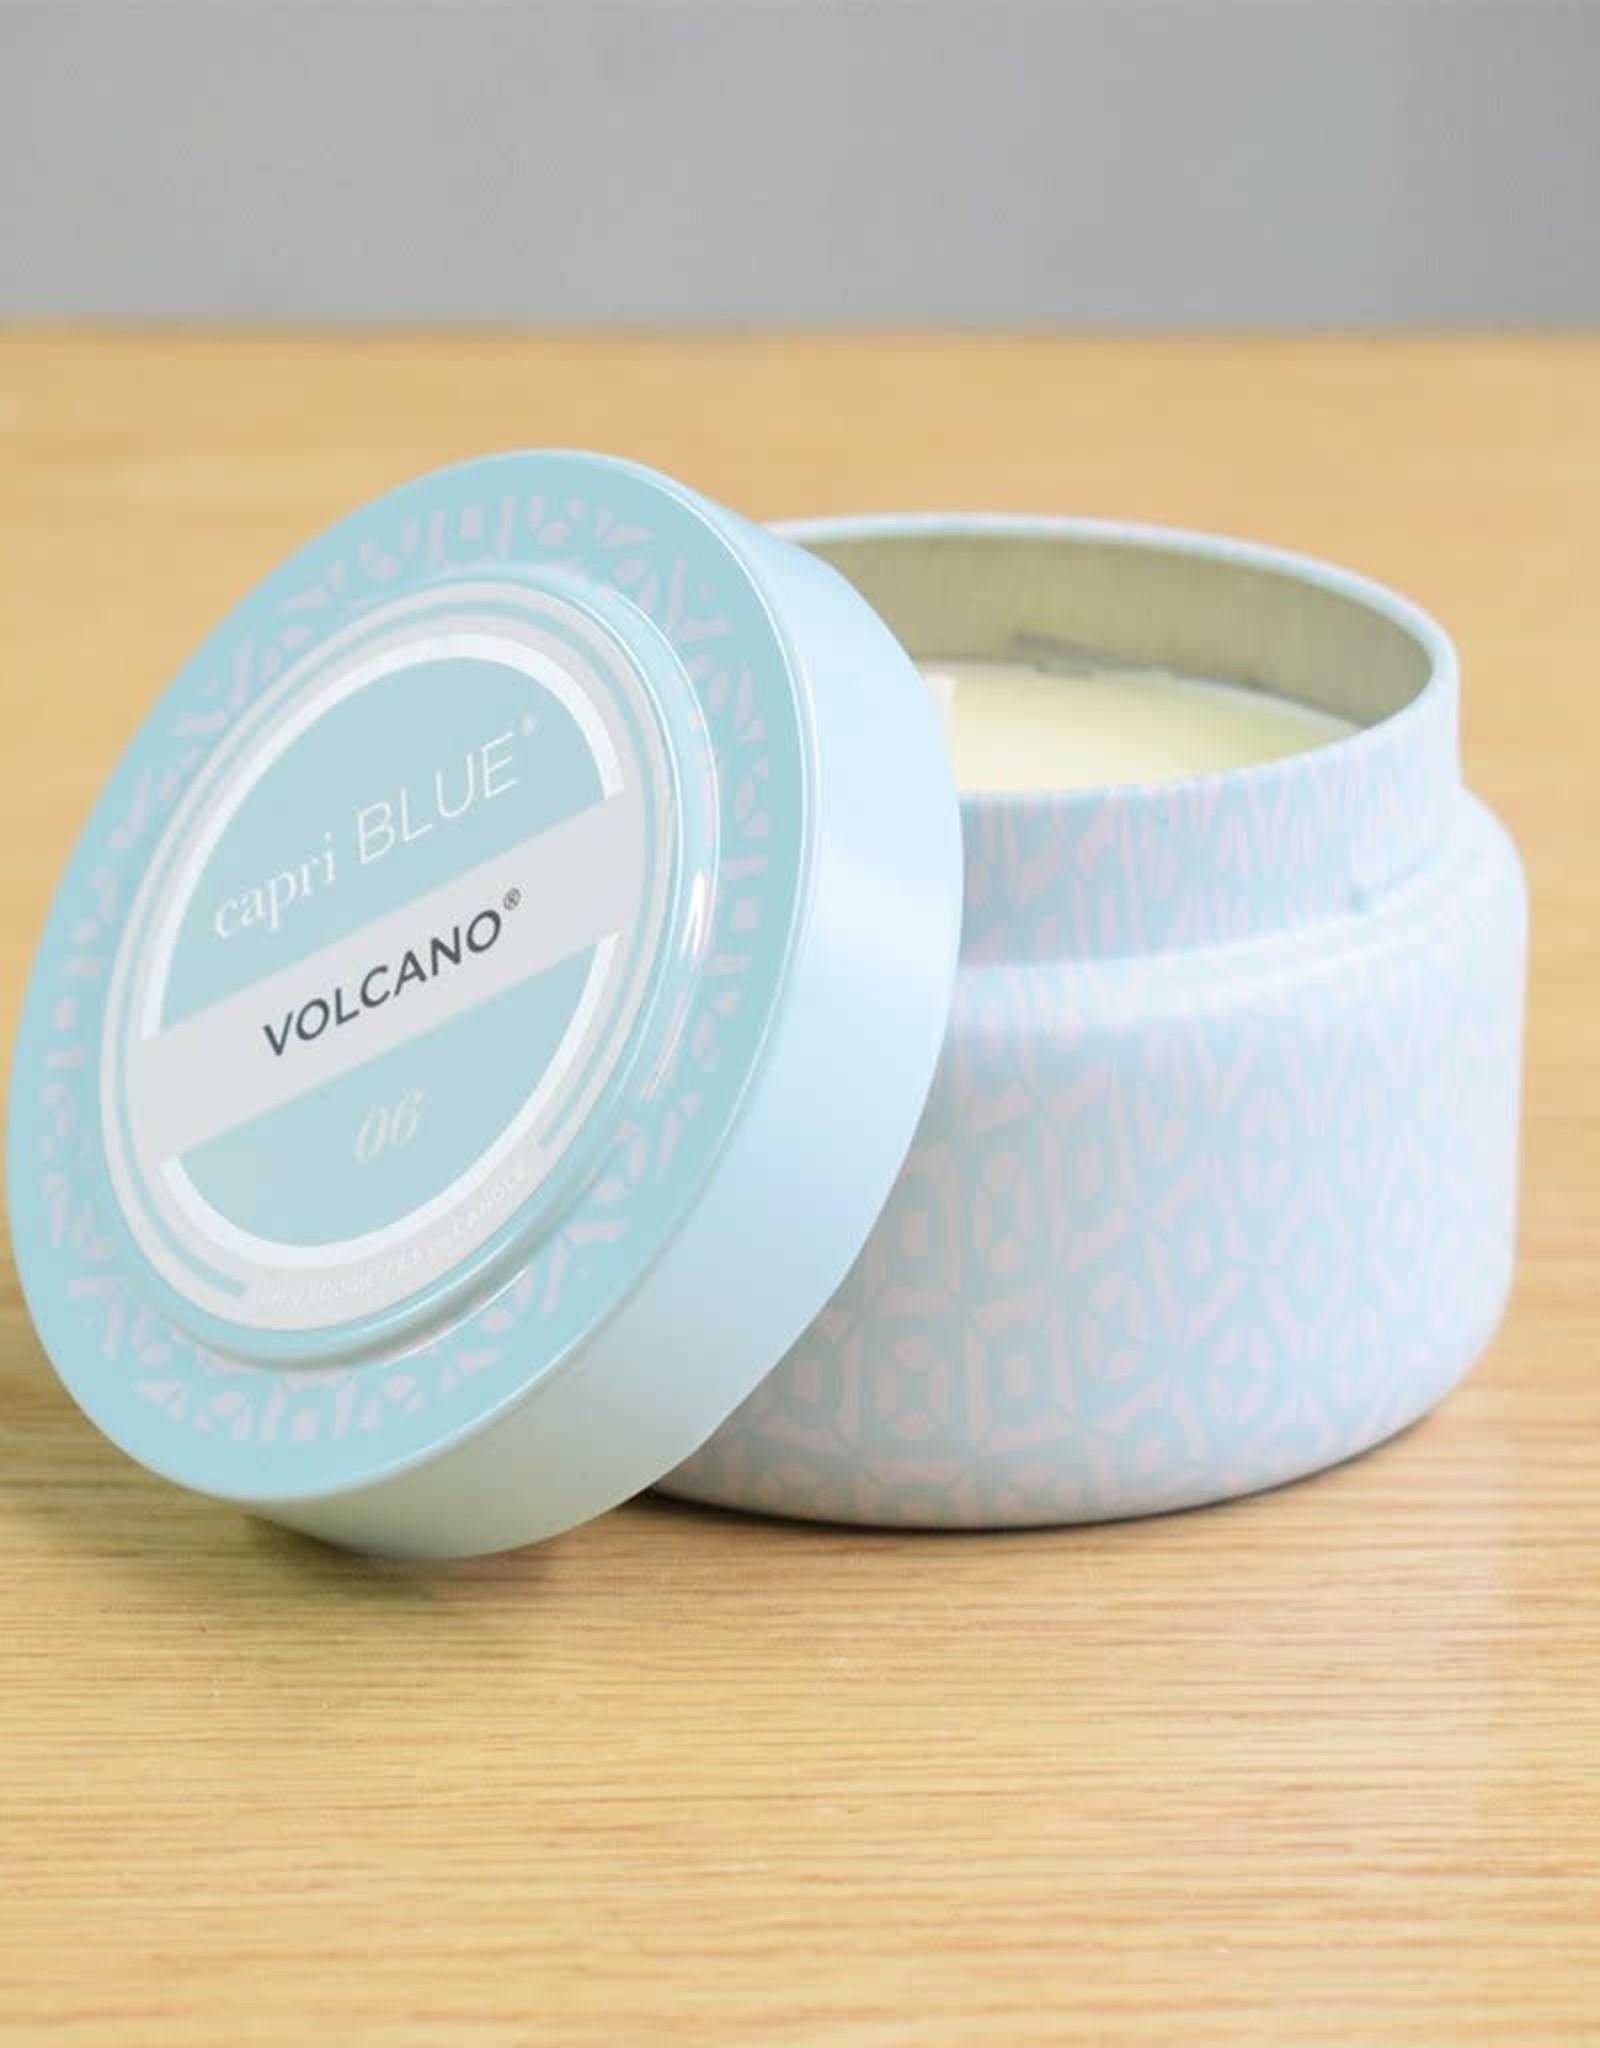 capri blue Volcano Aqua Tin Candle 8.5oz